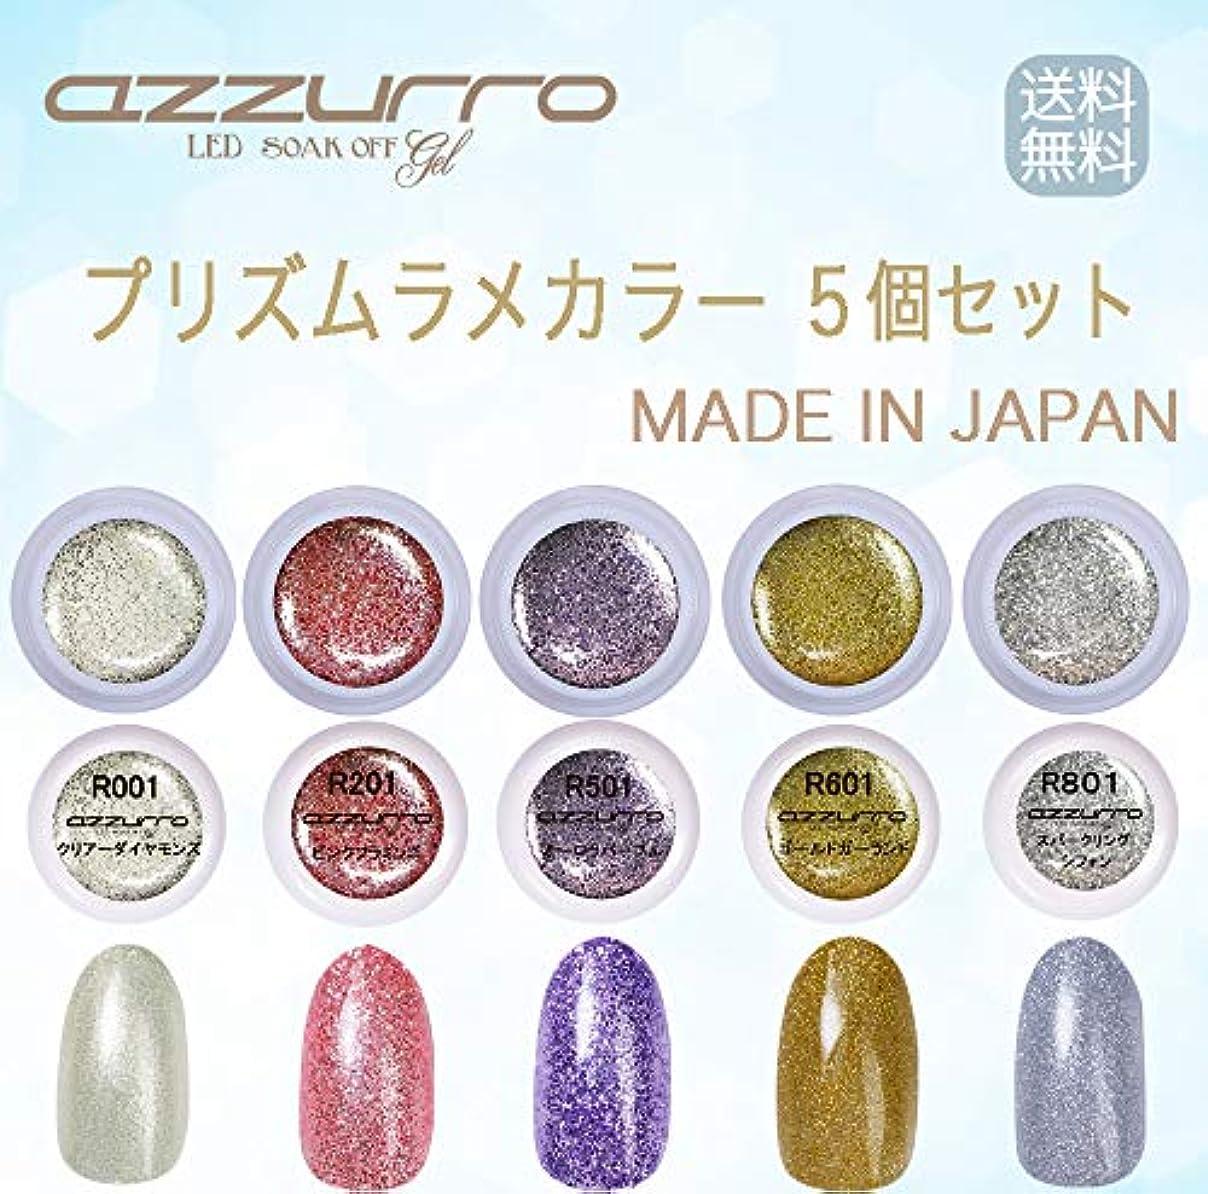 西部東方むしゃむしゃ【送料無料】日本製 azzurro gel プリズムラメカラージェル5個セット キラキラネイルにぴったりなカラー